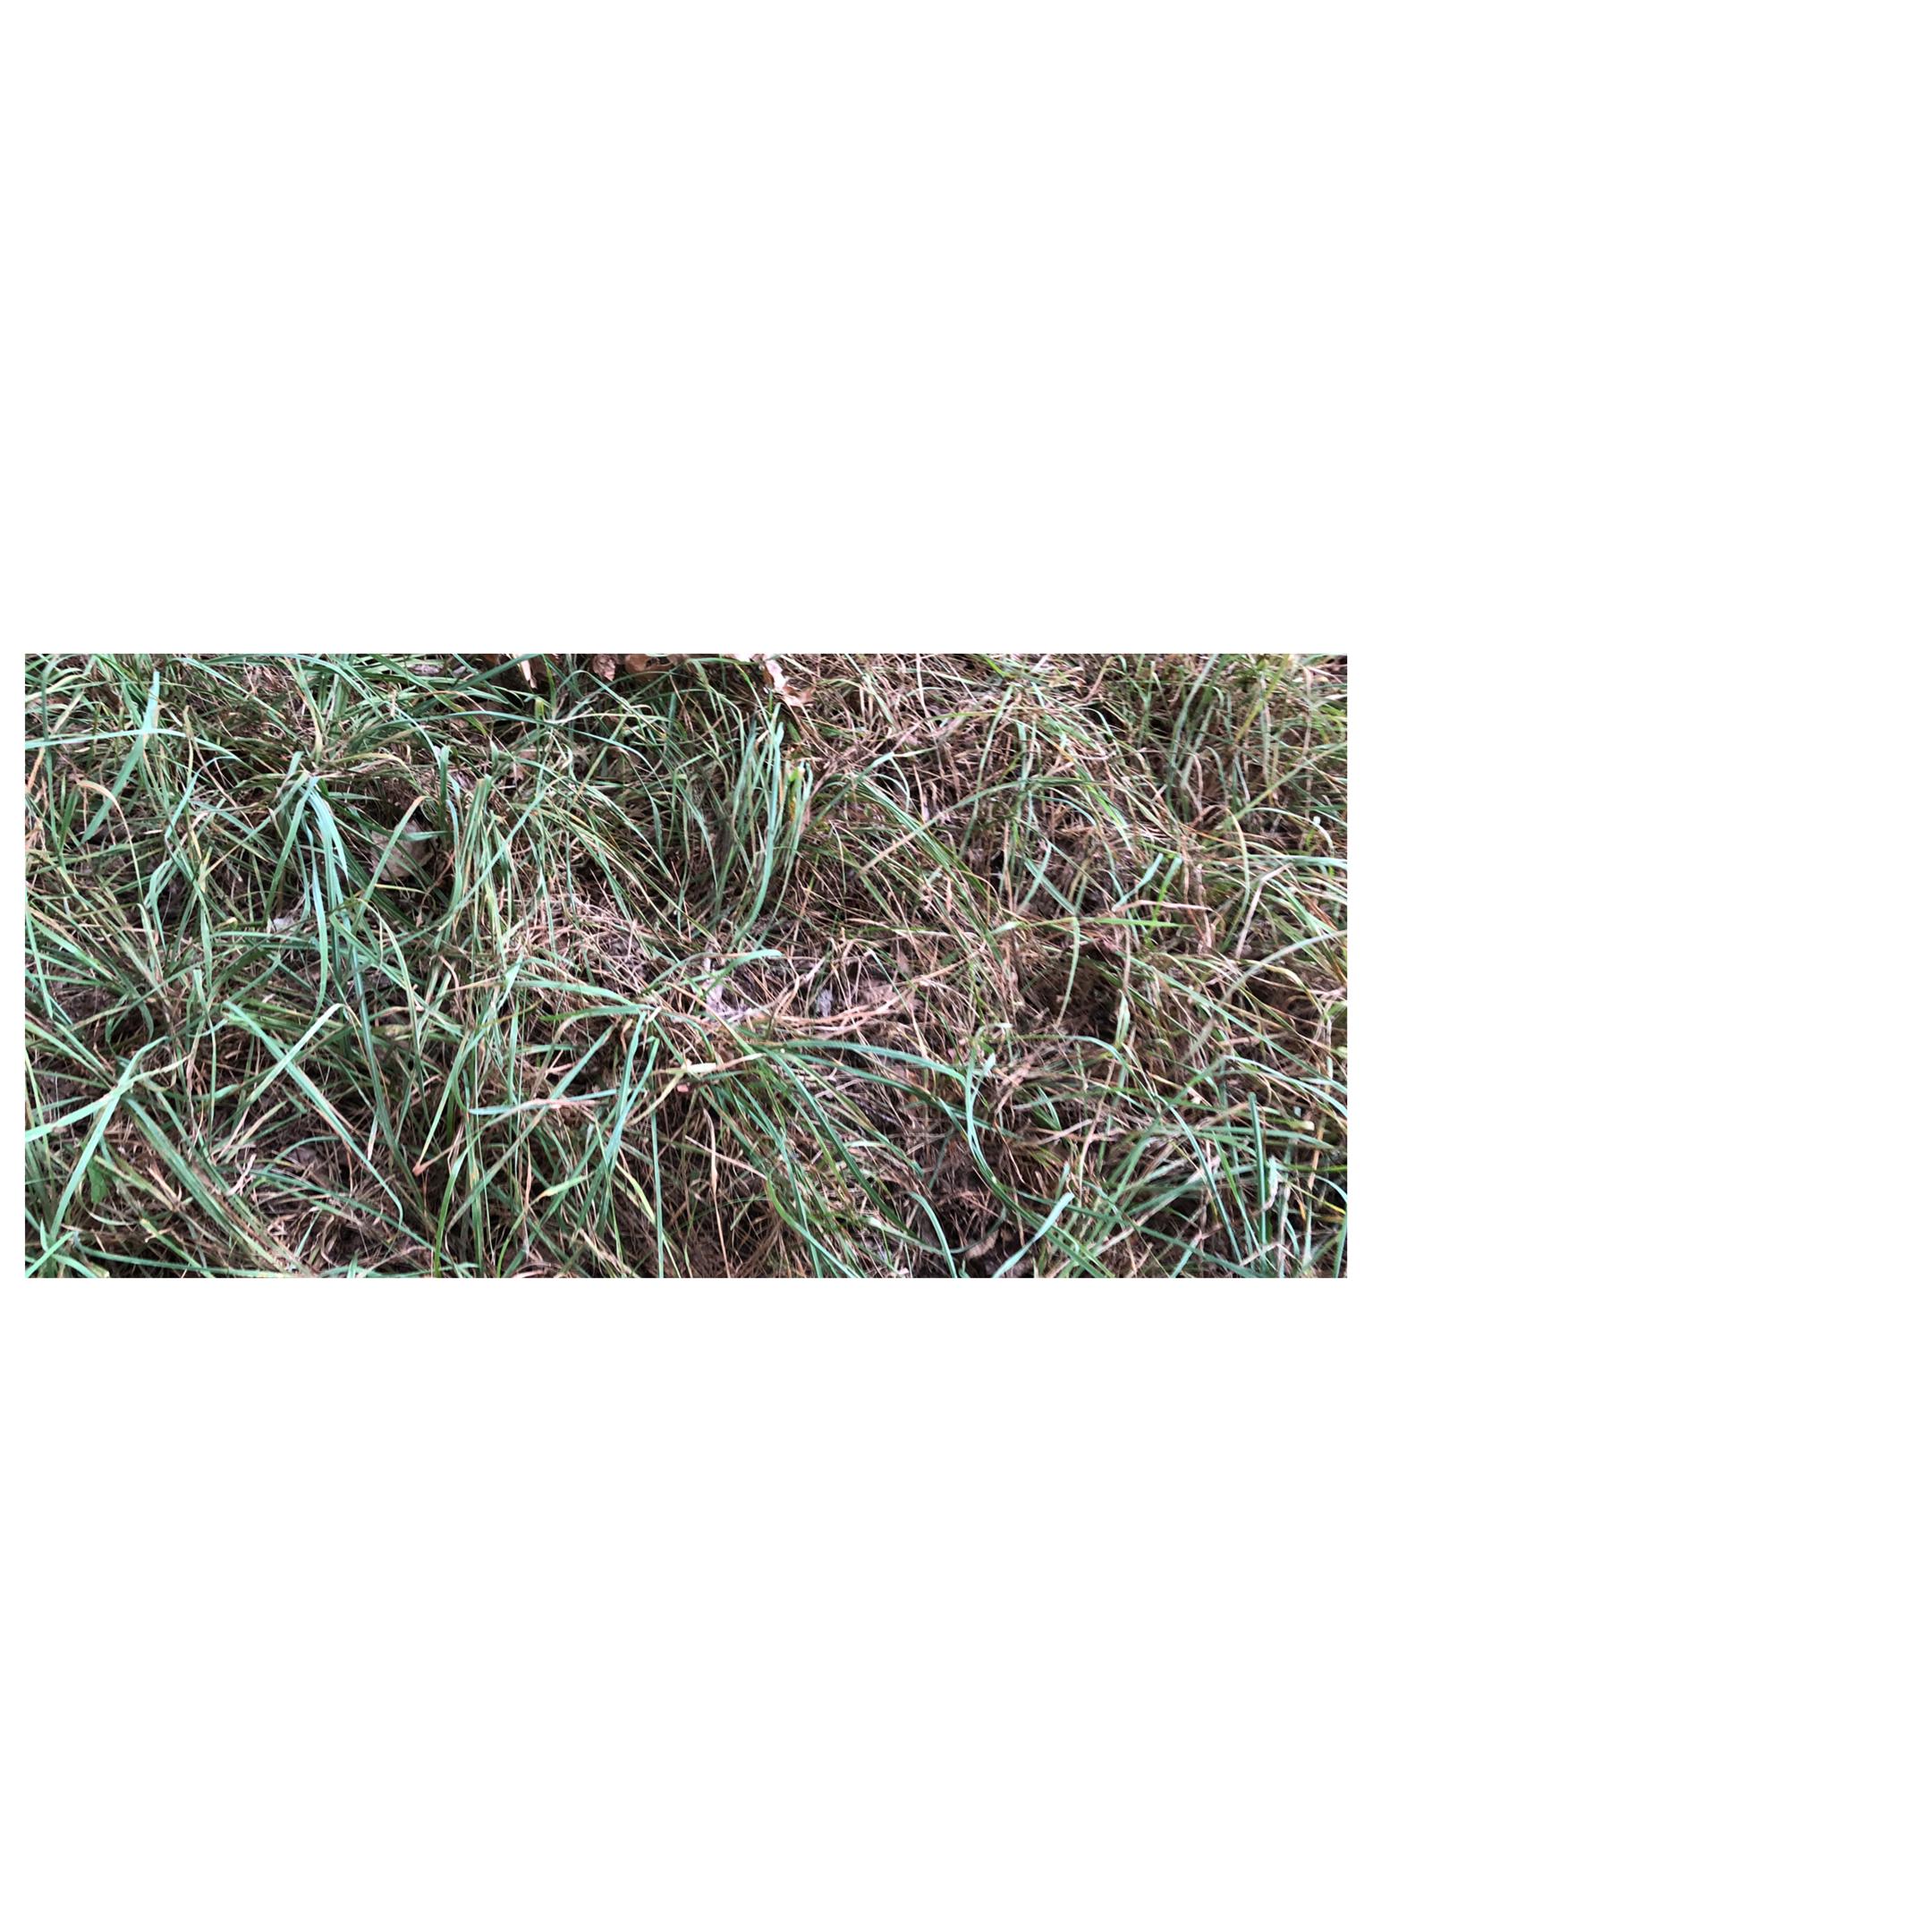 wilting overgrown grass